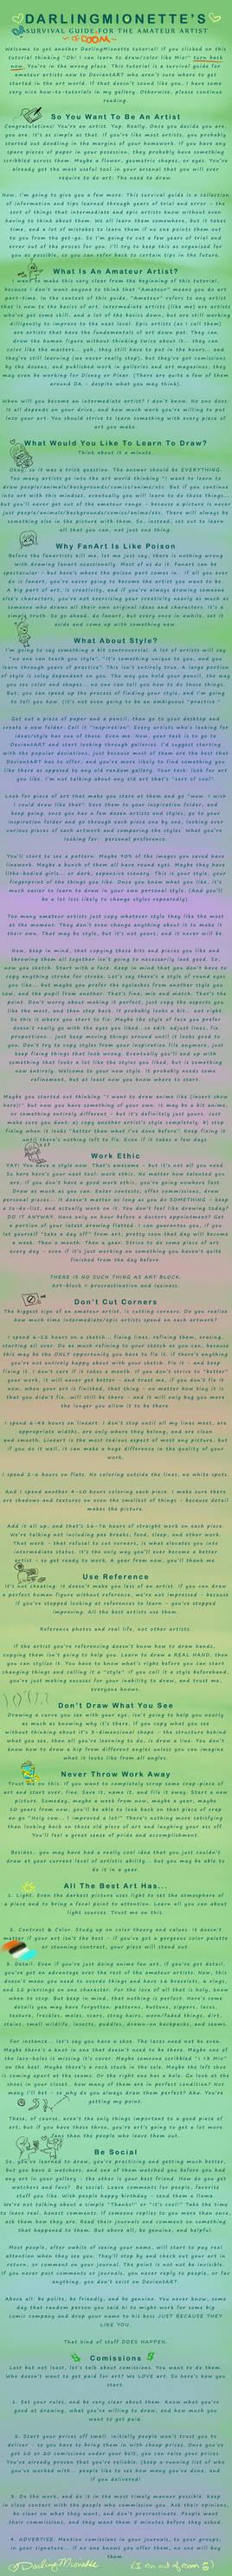 Art Survival Guide - Beginner